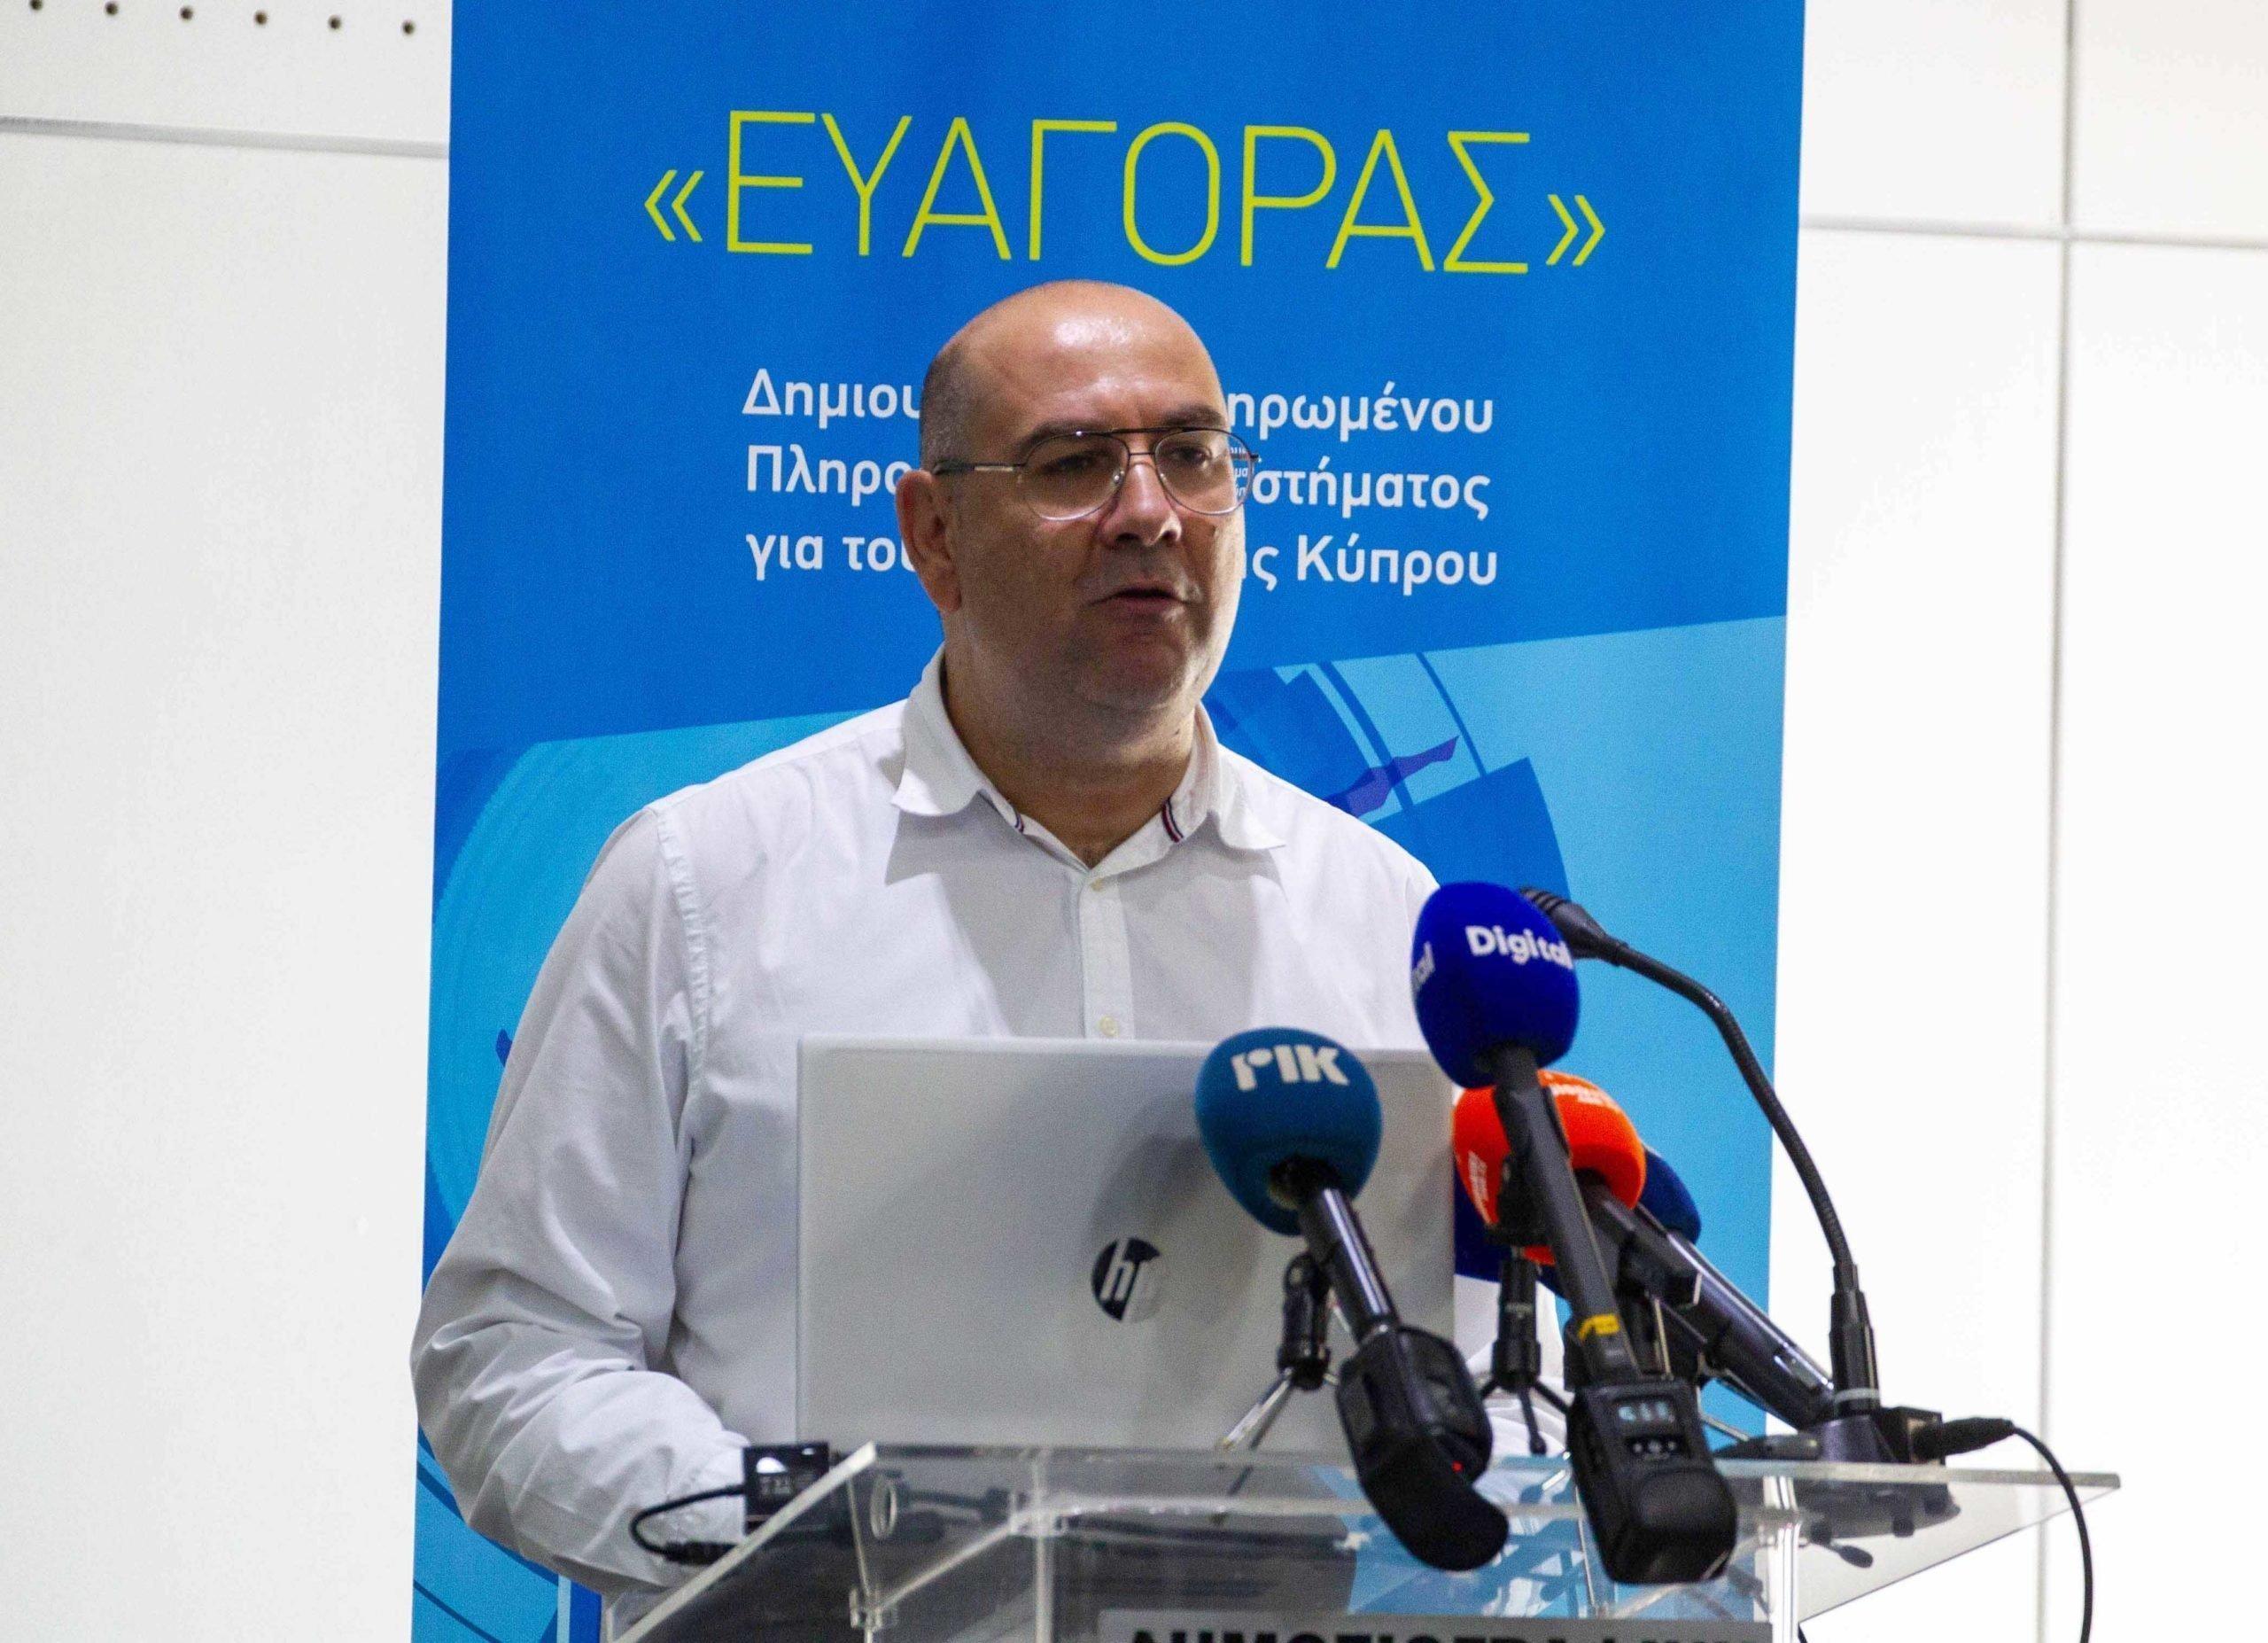 Enosi Dimon Evagoras Vyras 7 Scaled